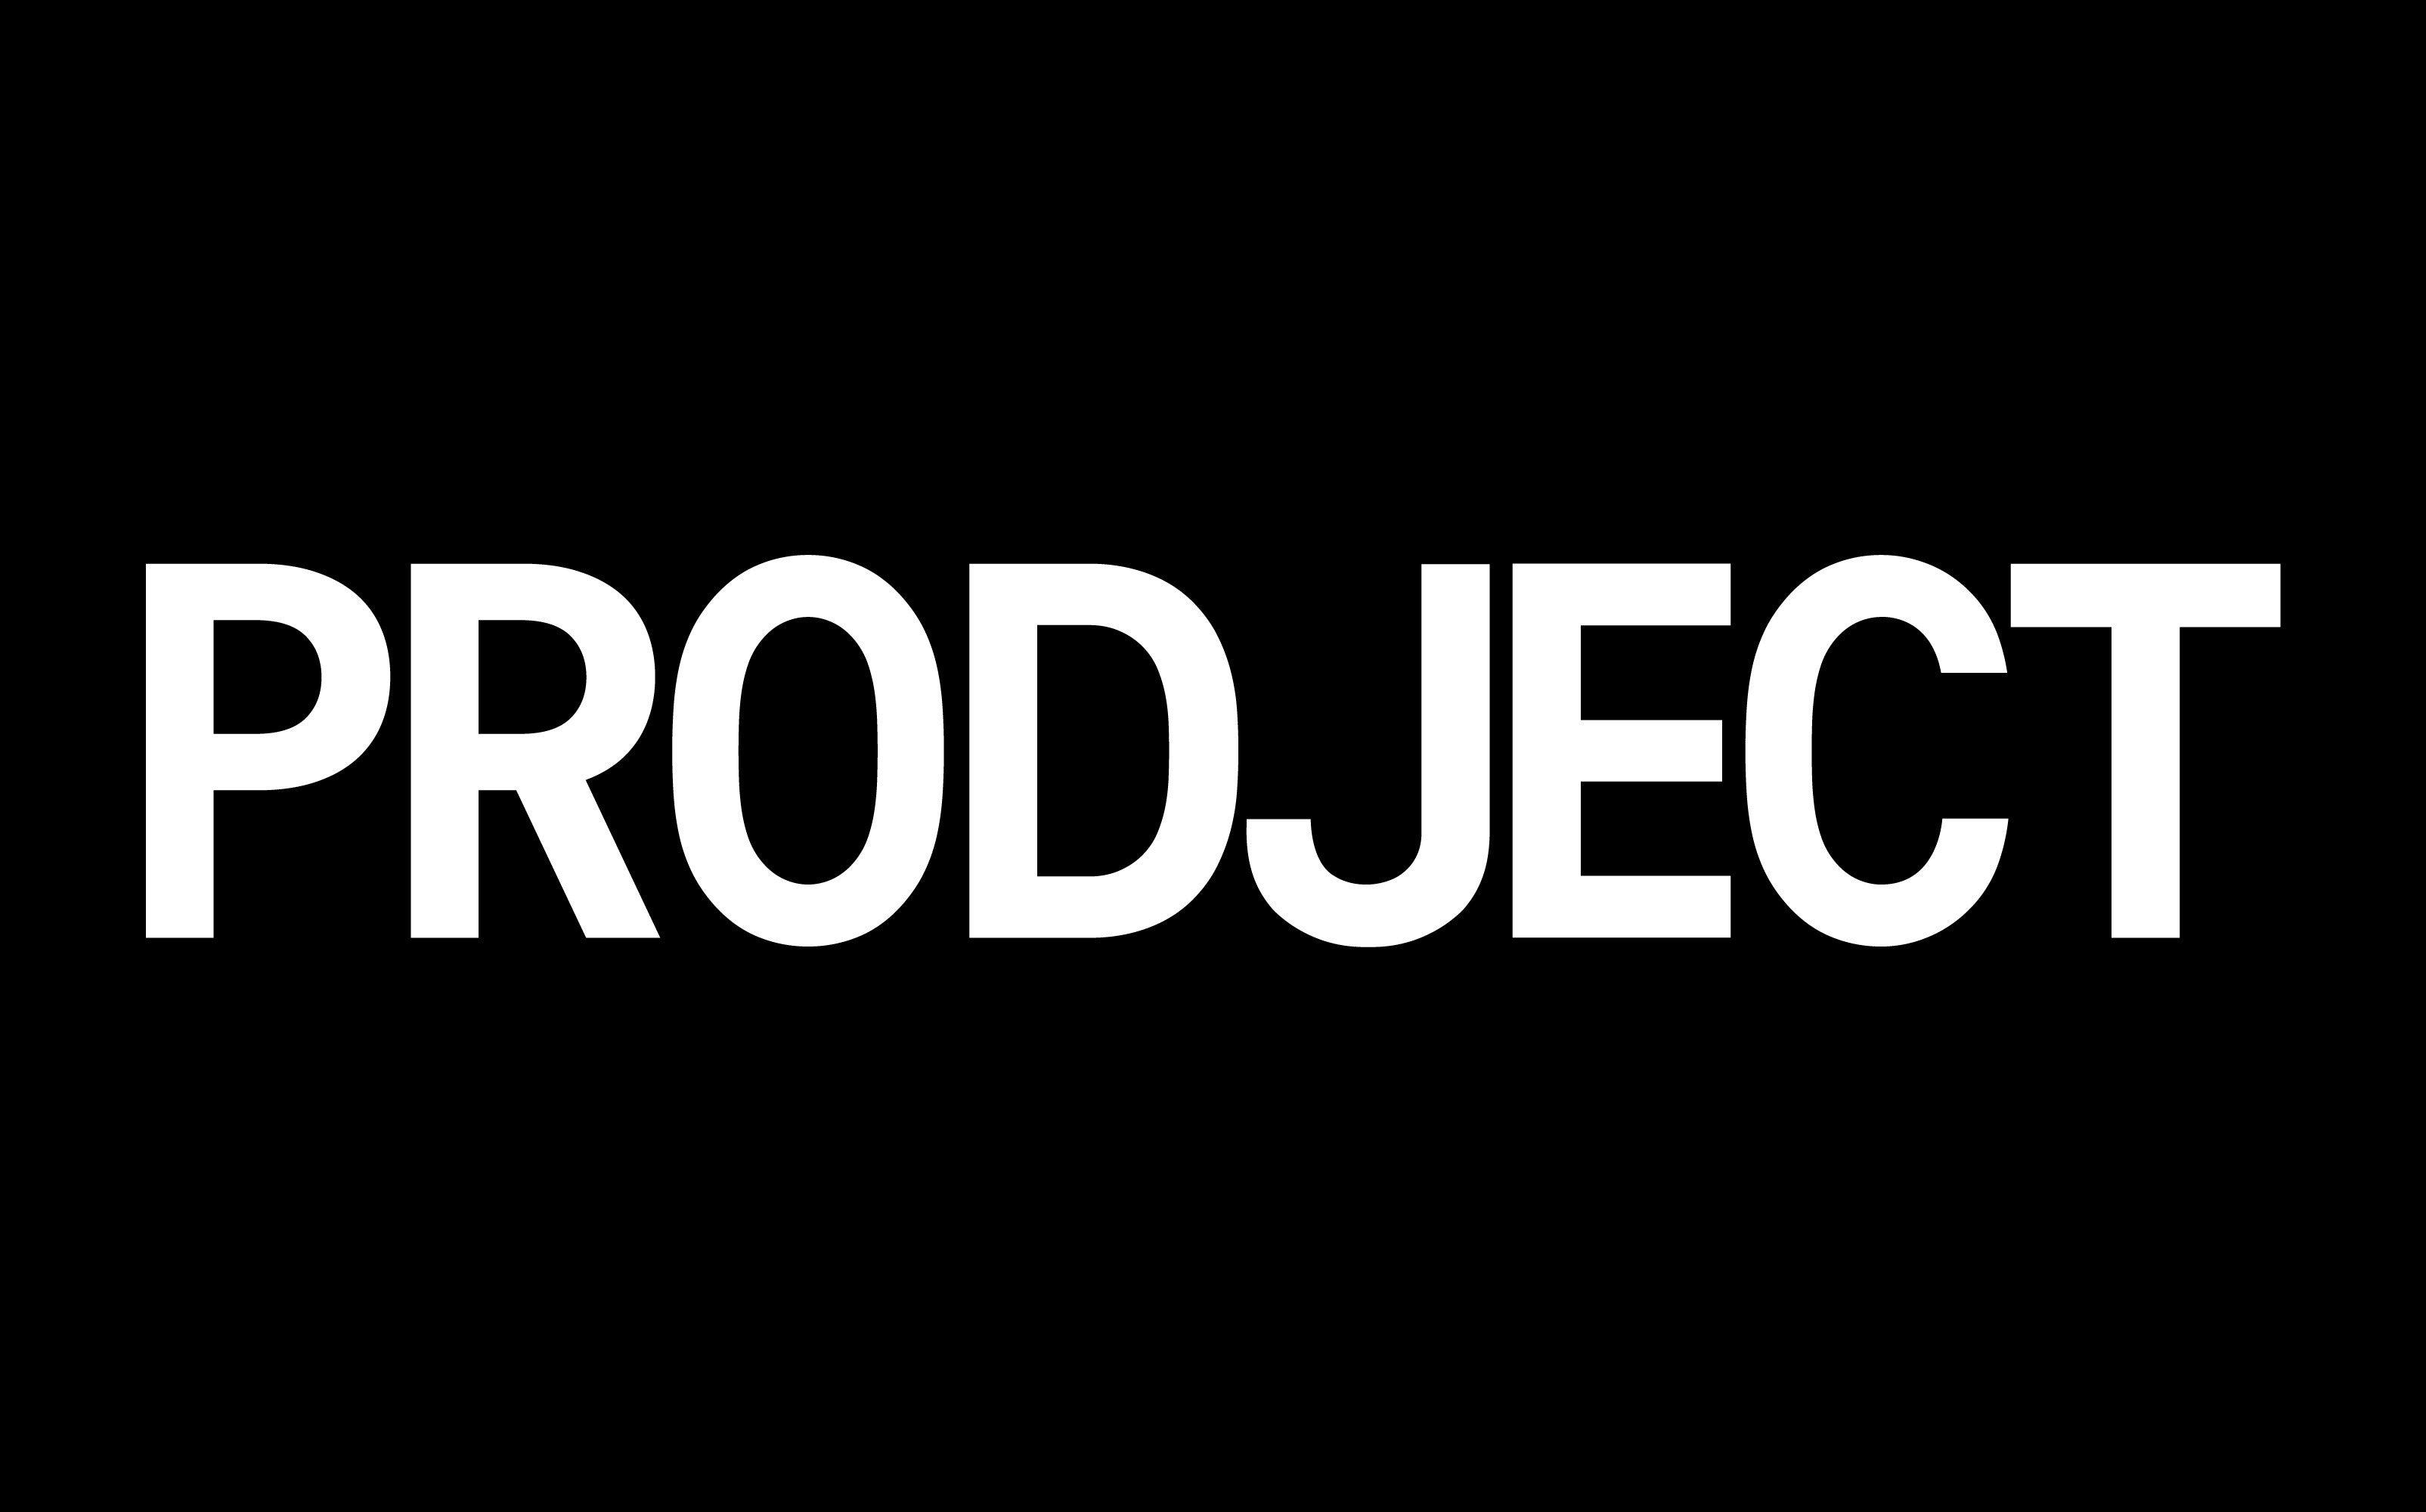 Prodject company logo